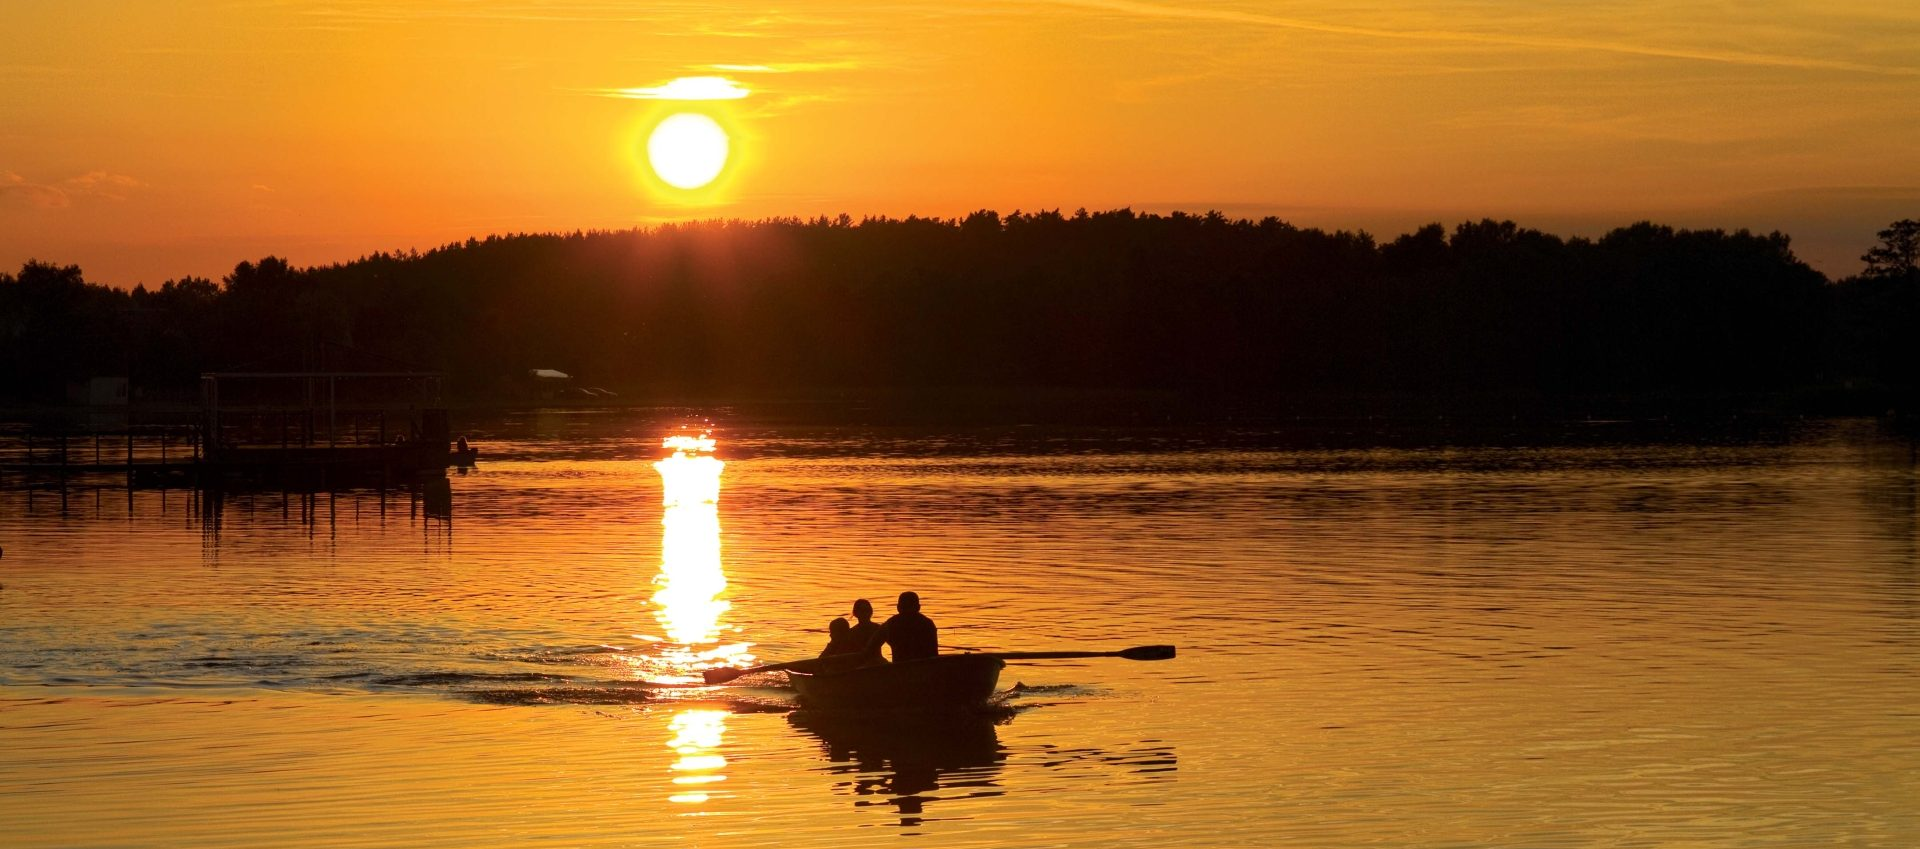 Abendstimmung Klopeiner See © Tourismusregion Klopeiner See - Südkärnten, www.klopeinersee.at